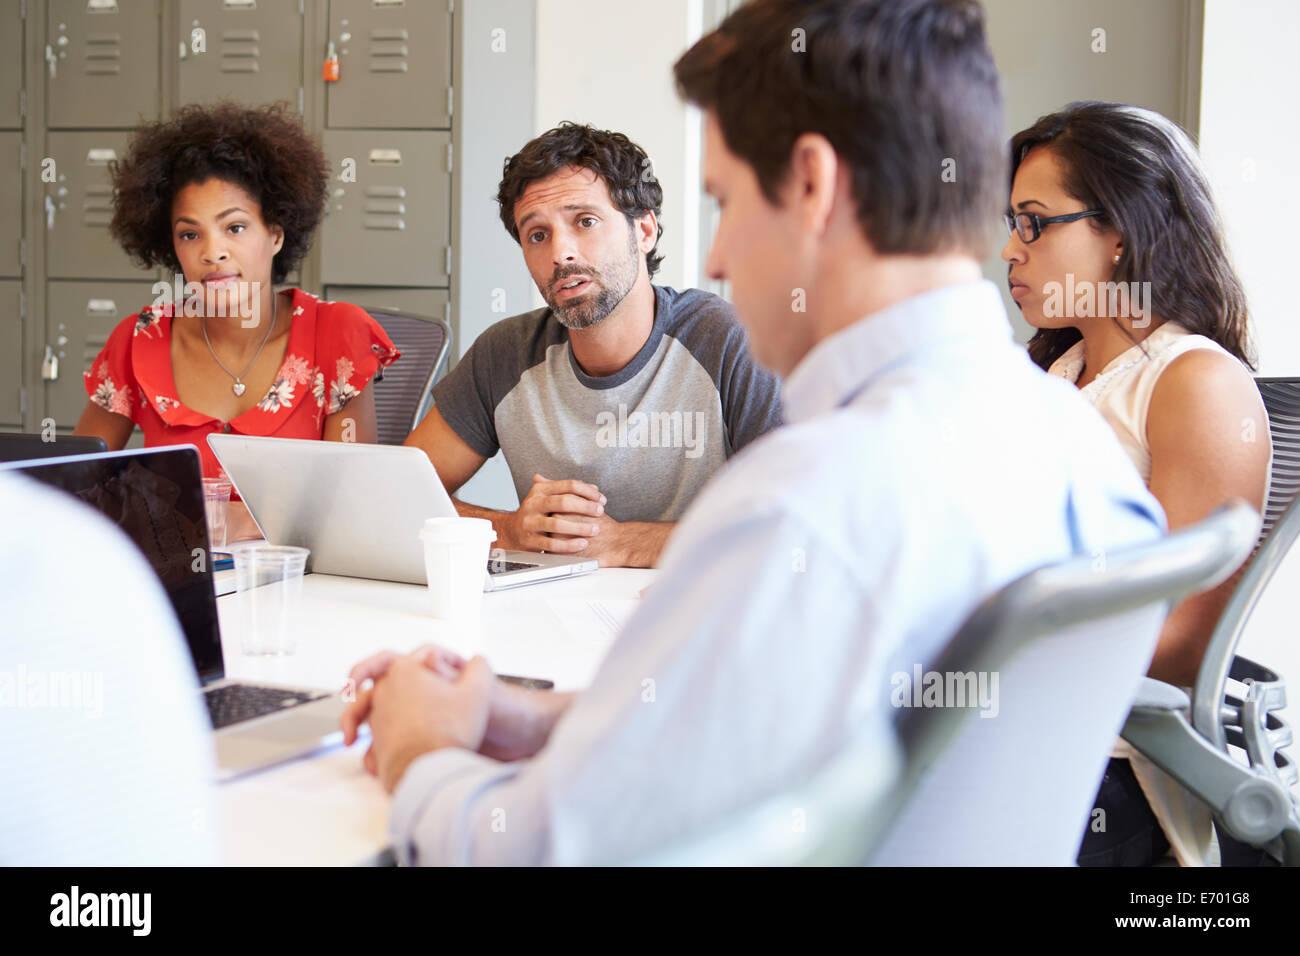 Réunion des concepteurs pour discuter de nouvelles idées Photo Stock